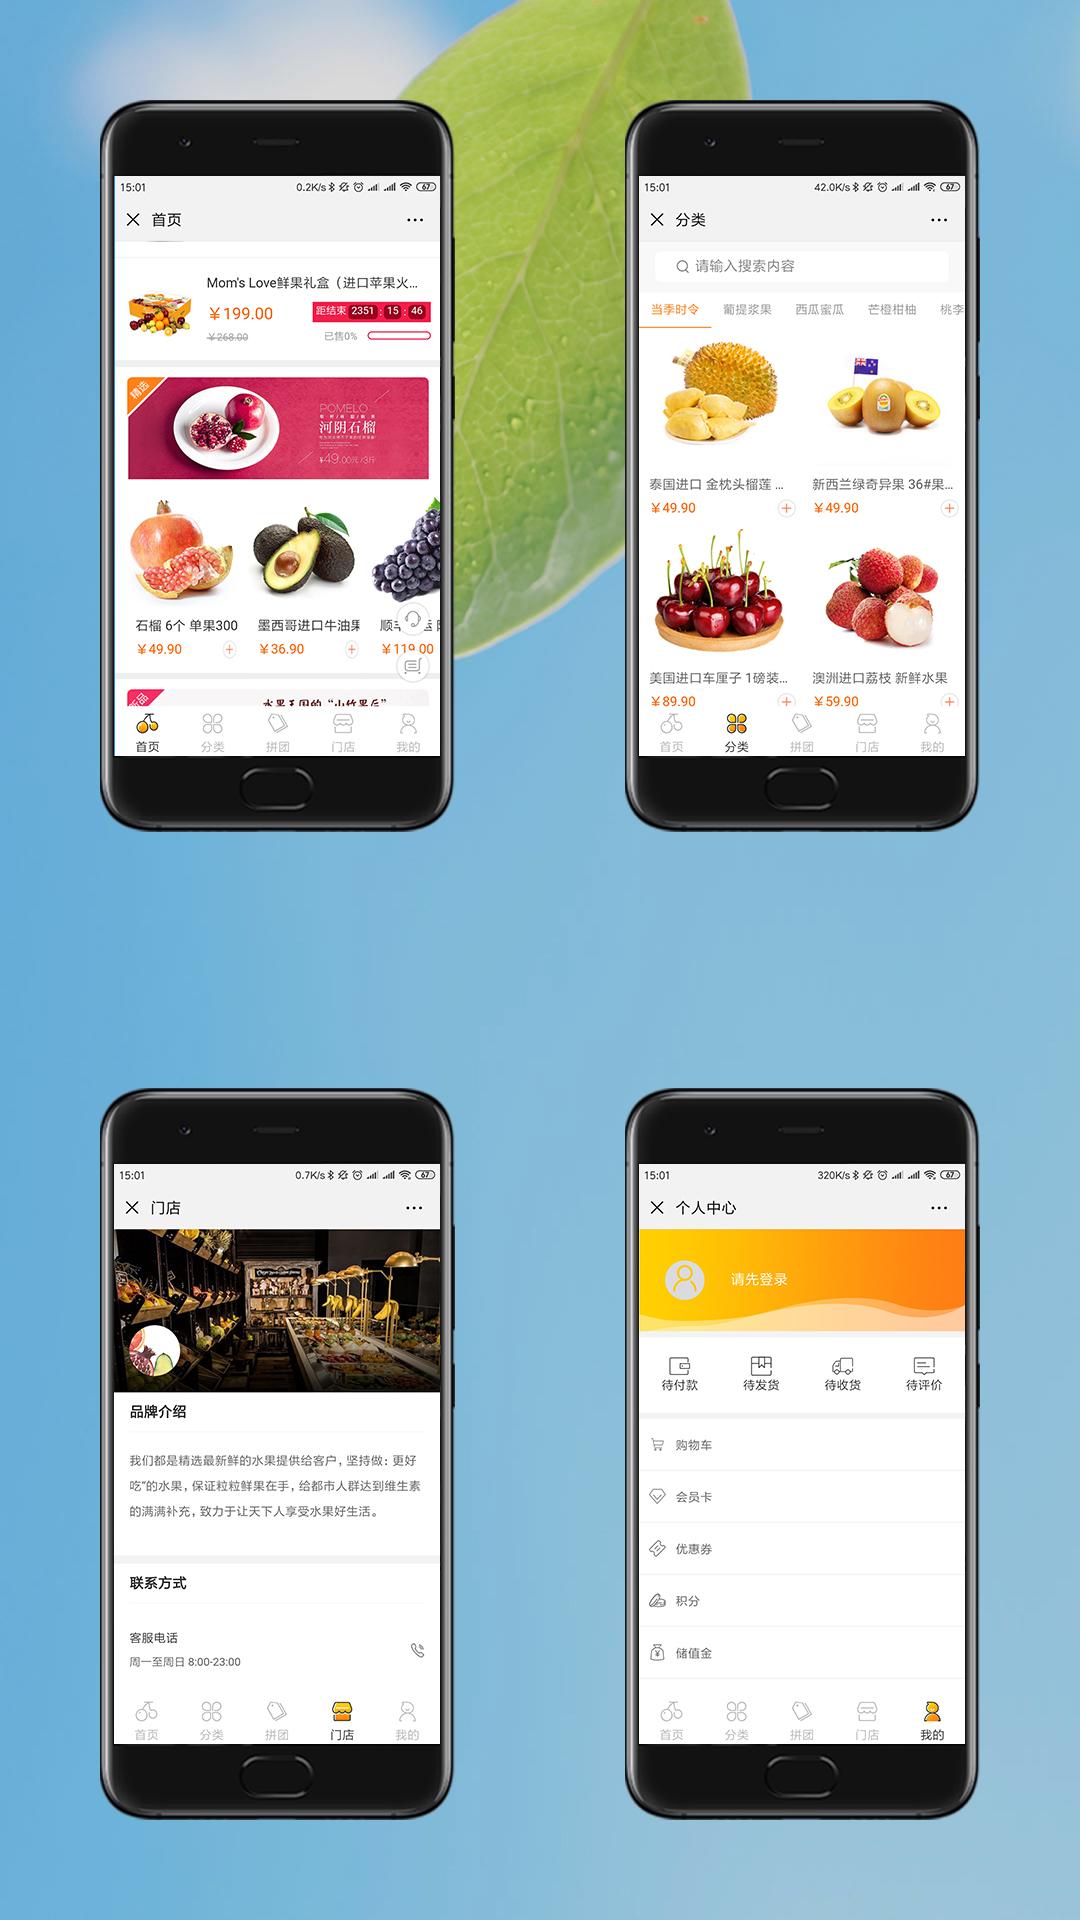 水果超市APP案例UI界面